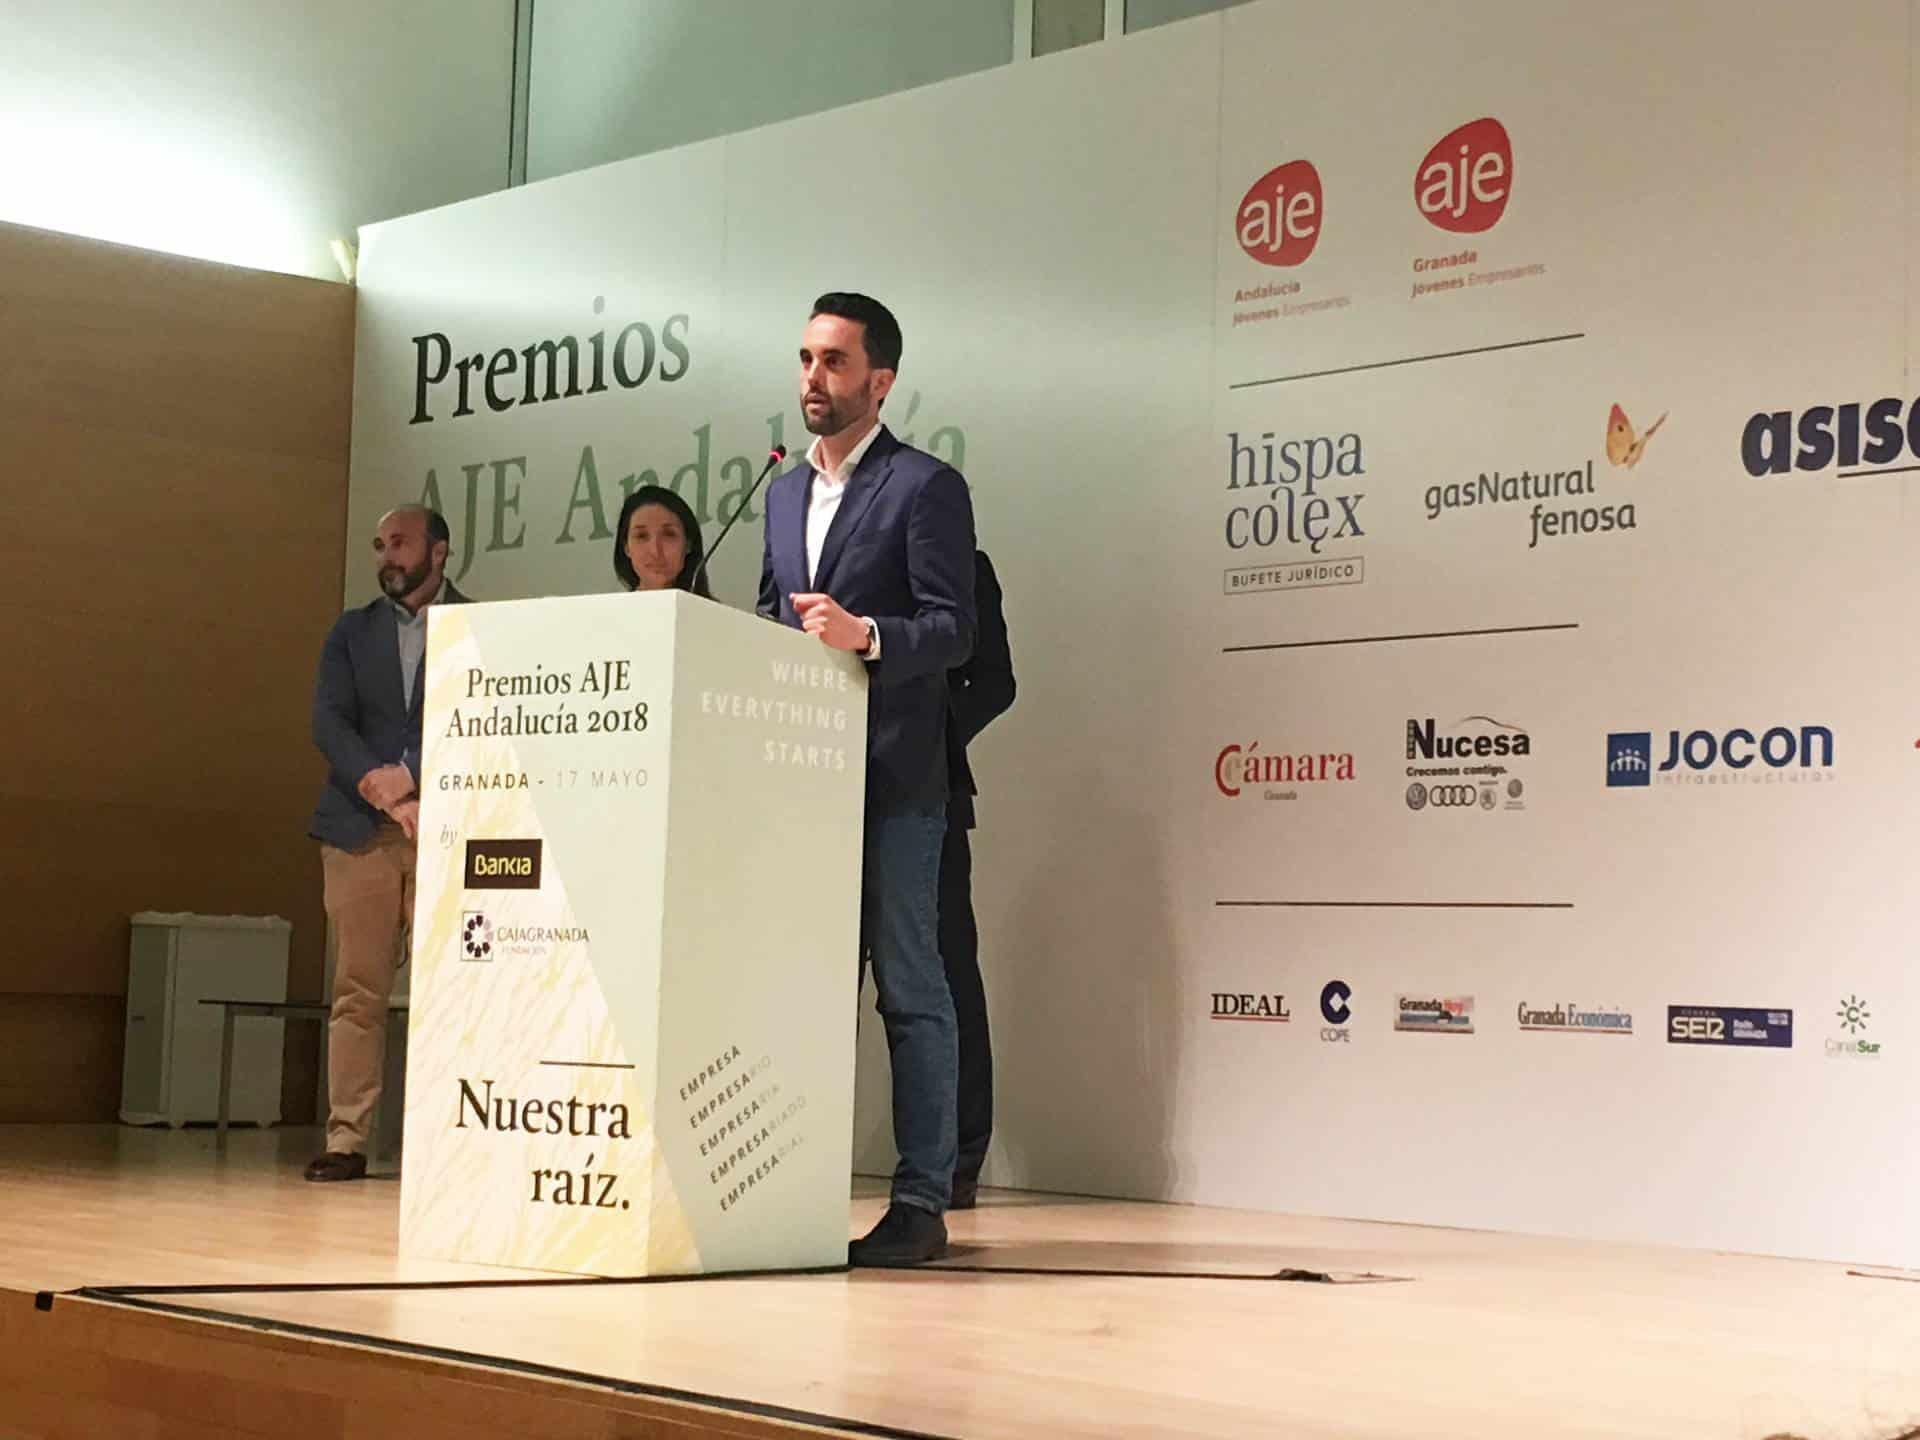 Premios AJE Andalucía Adaptación de materiales de comunicación diseño gráfico